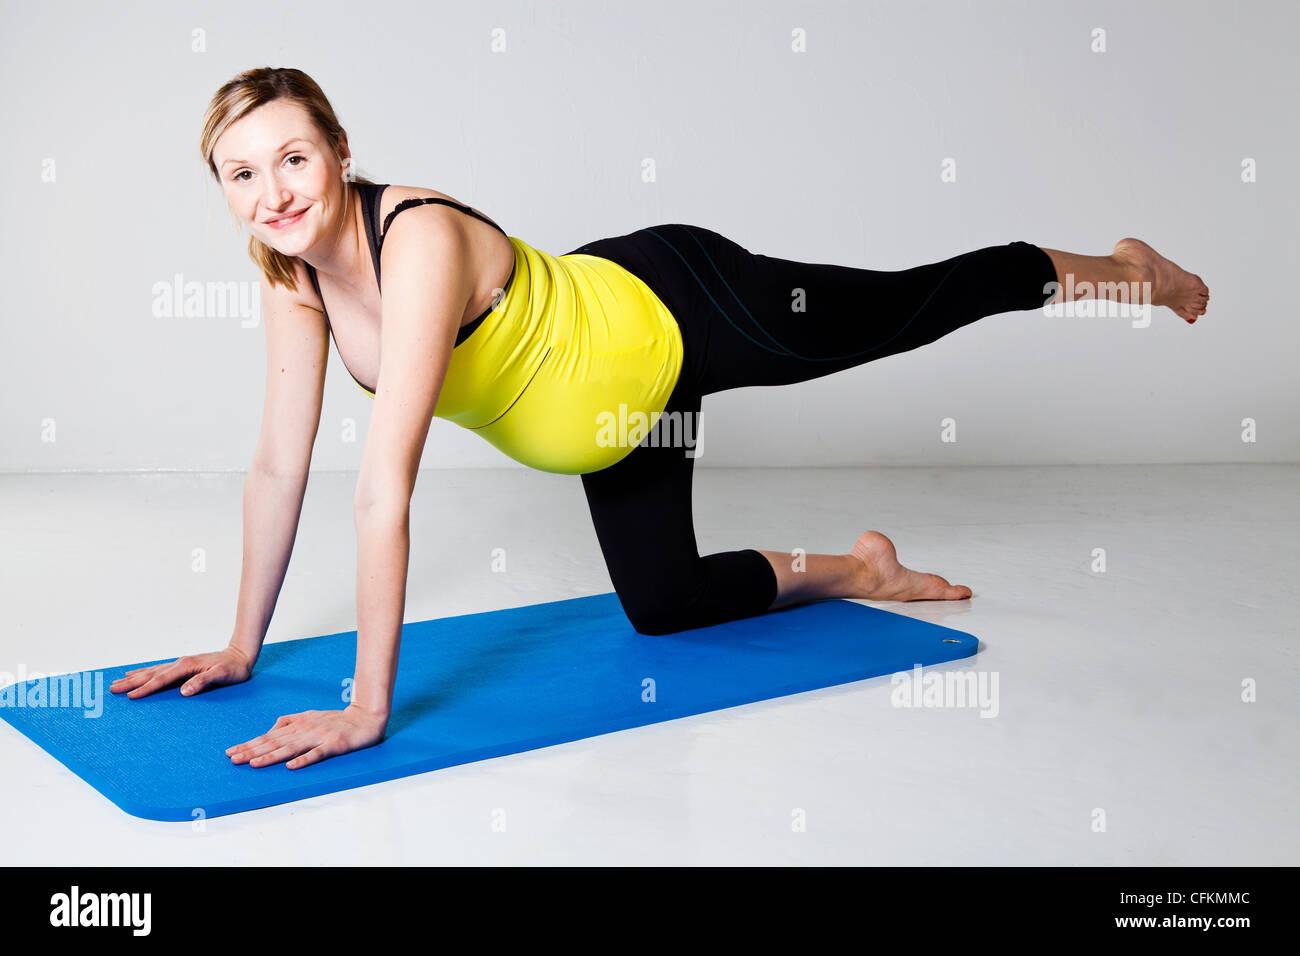 Schwangere Frau auf Matte trainieren Balance und Muskelkraft der ...